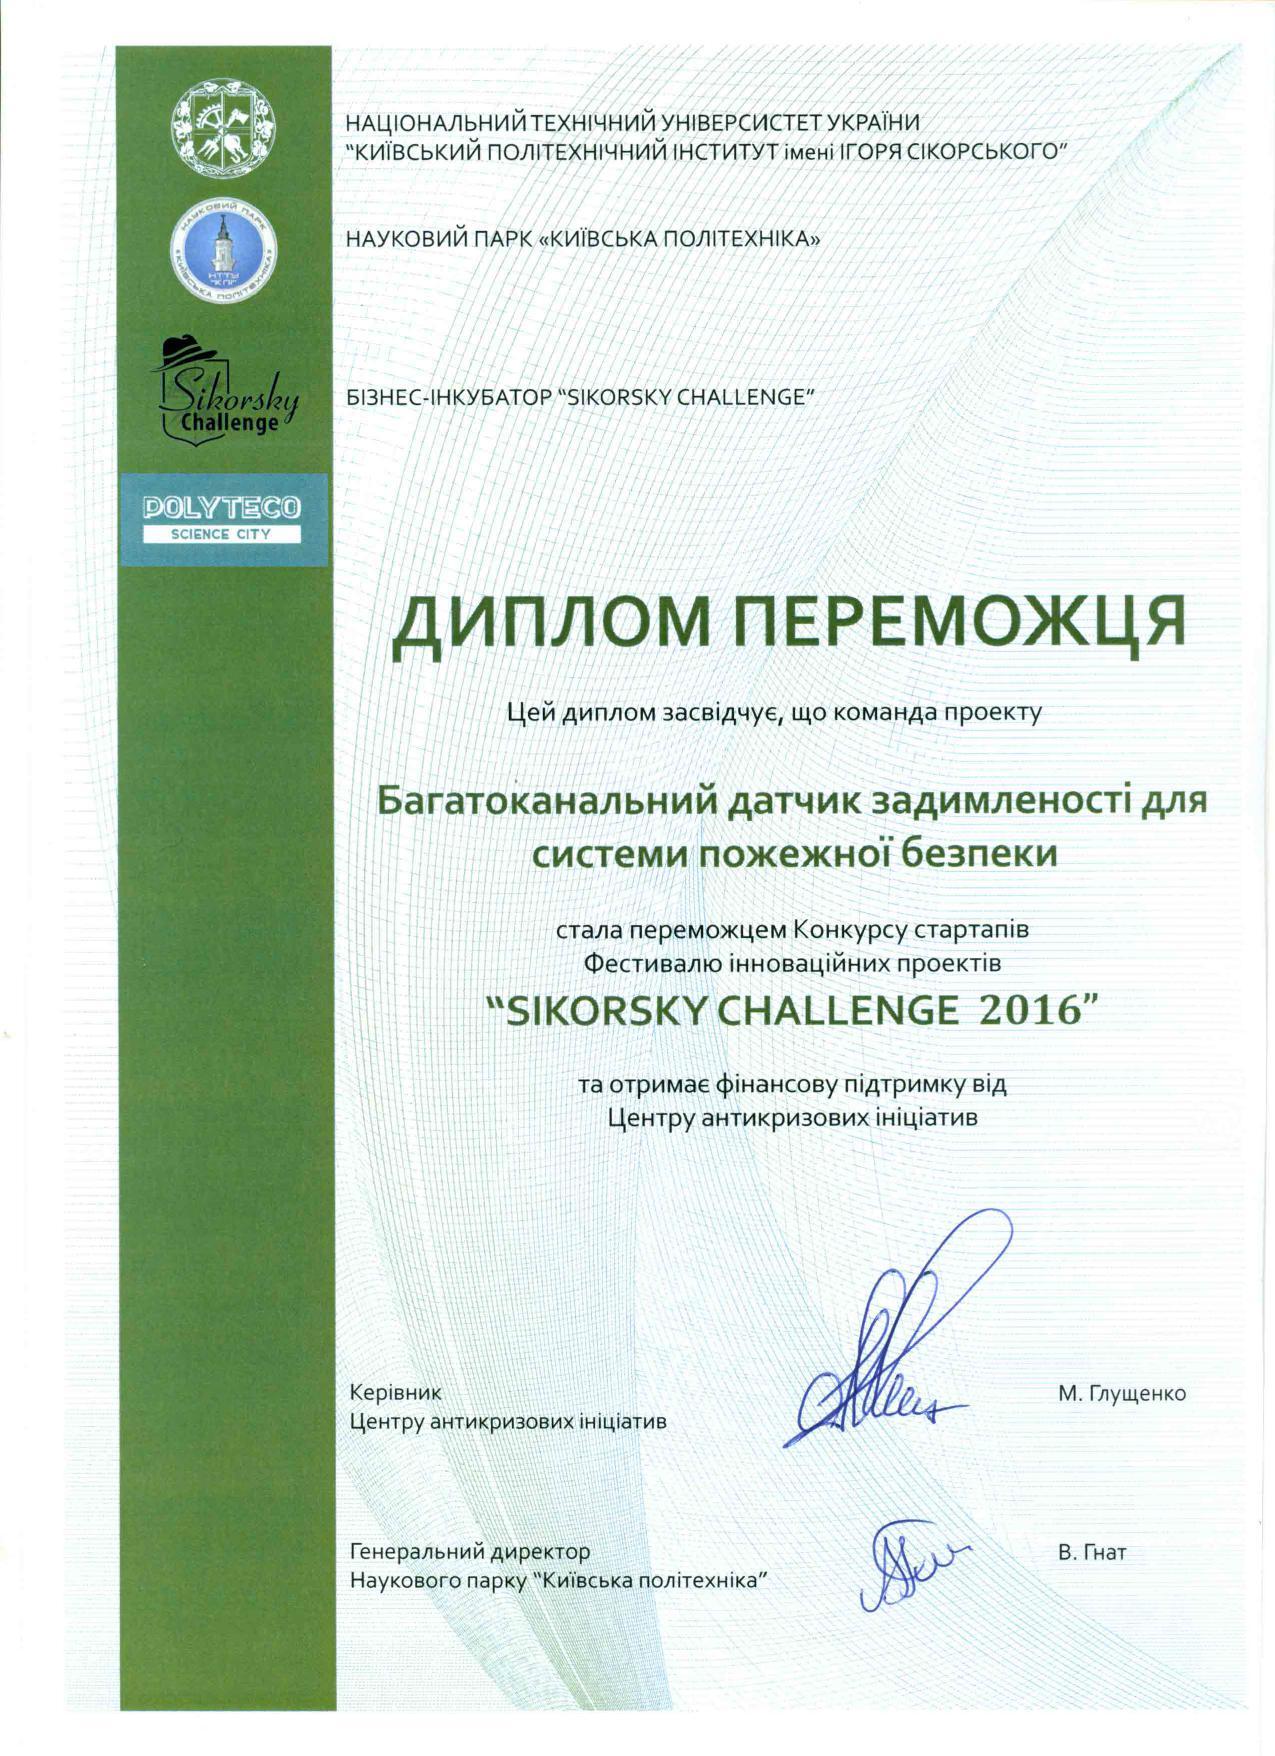 dyplom_peremozhcja_datchyk_zadymlenosti_2